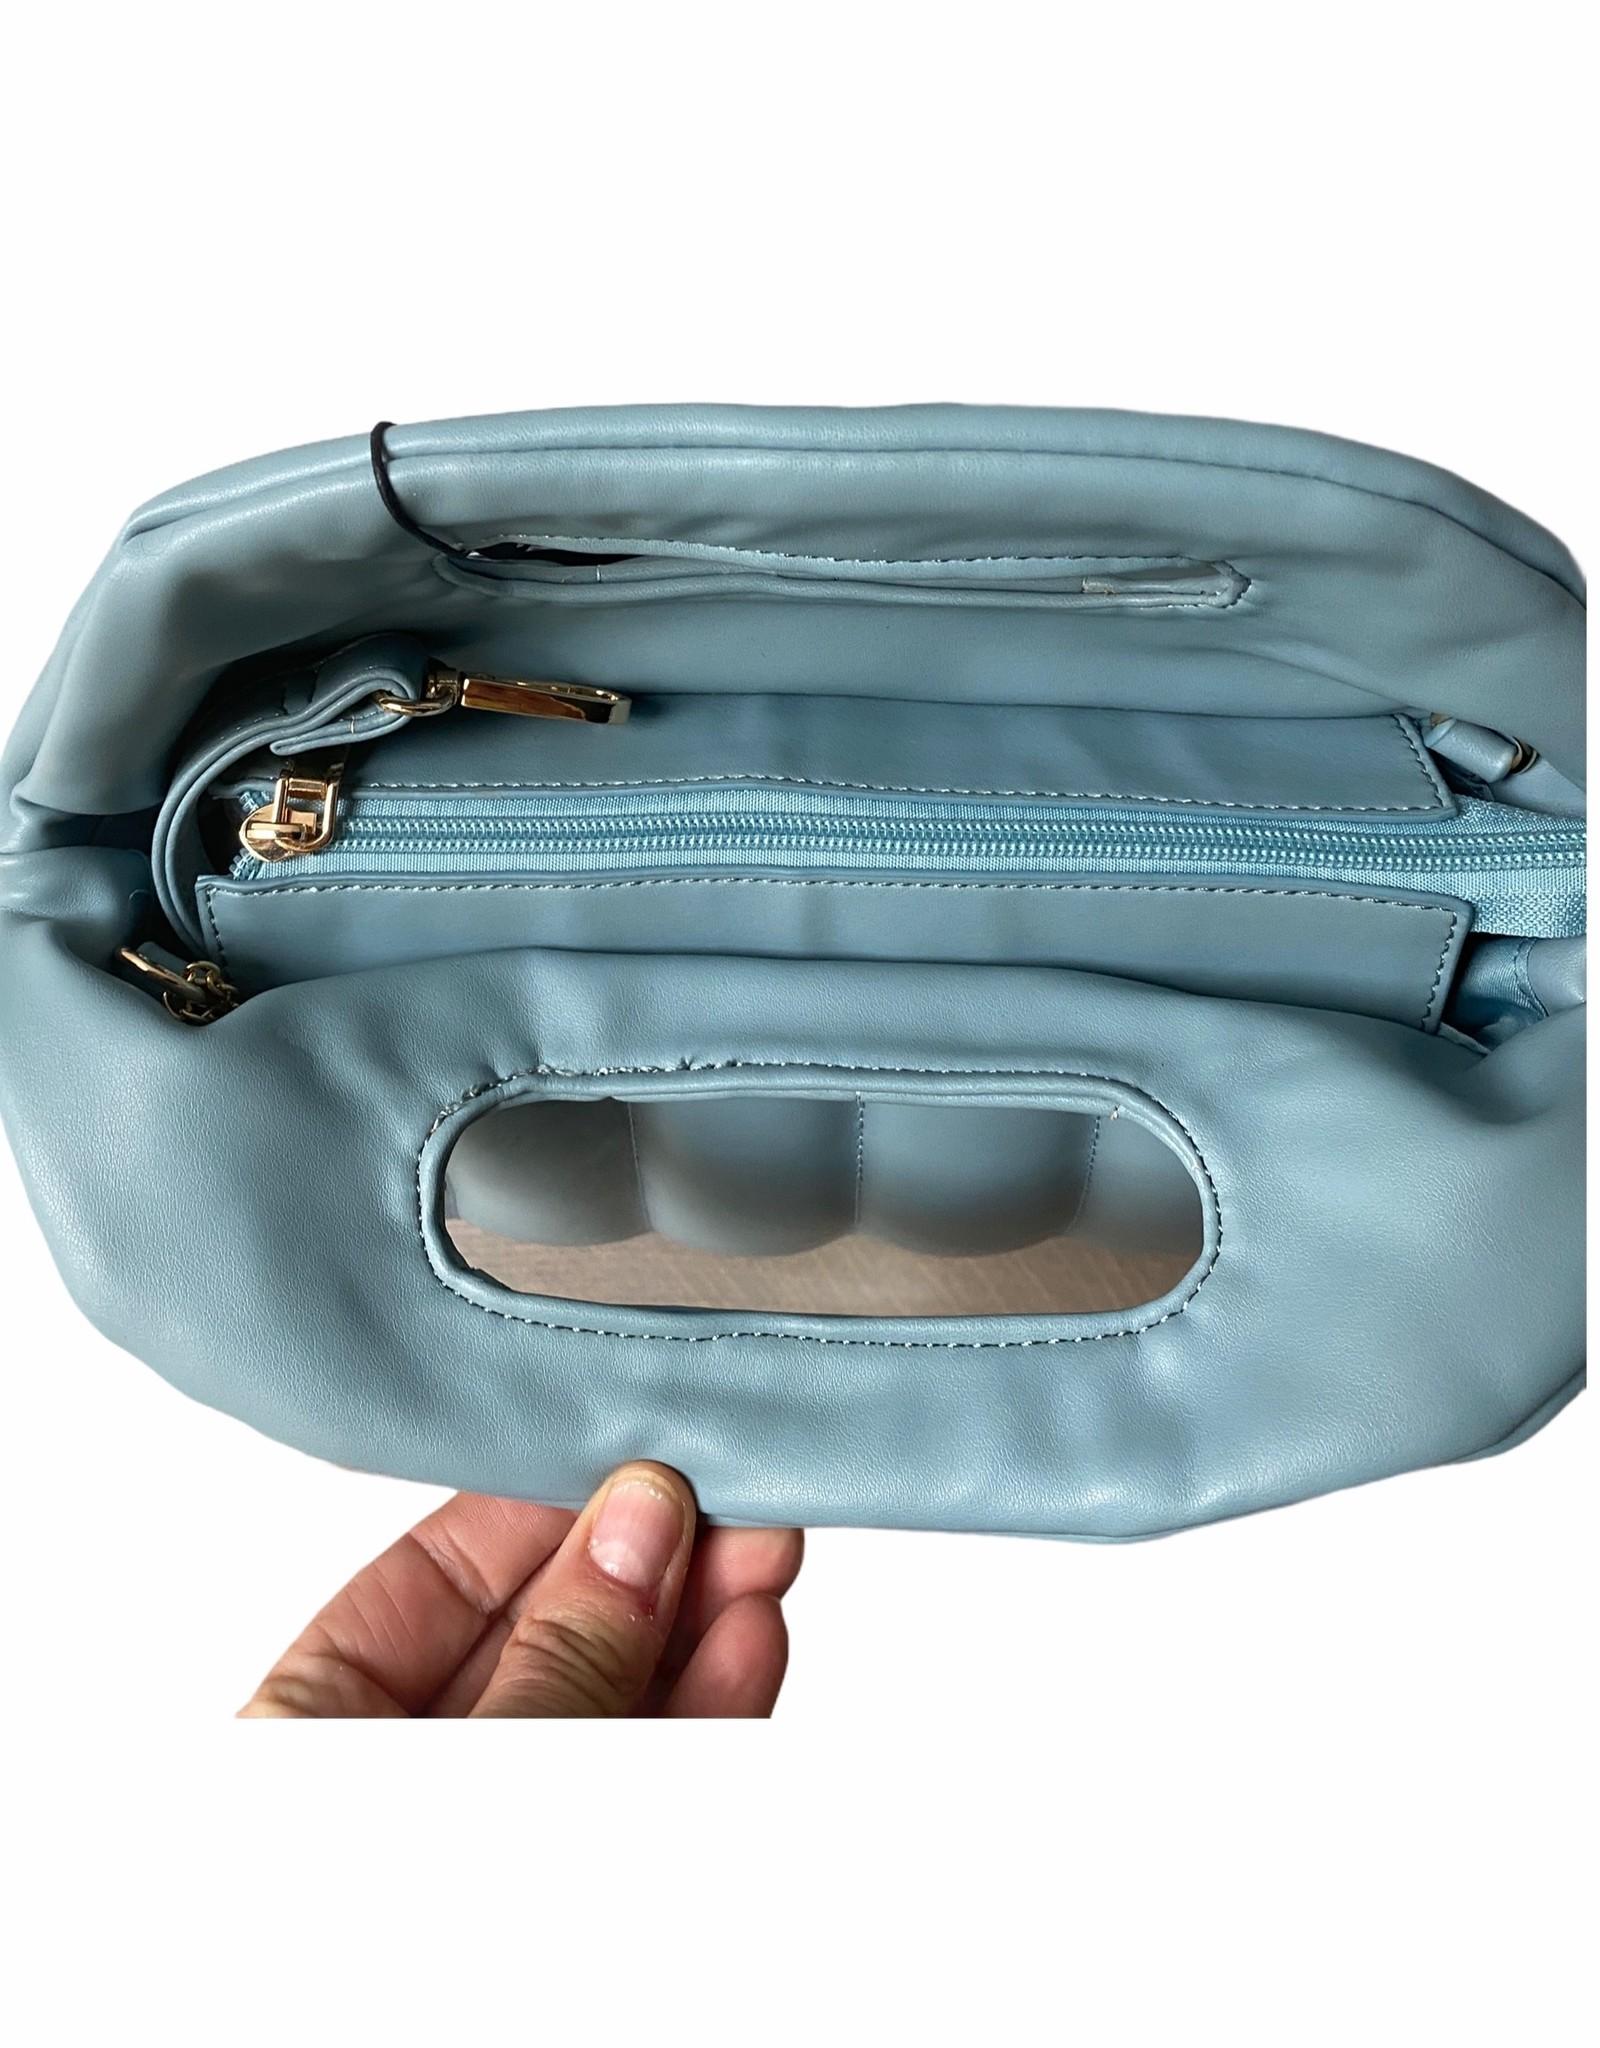 Kunstlederen blauwe handtas met lange schouderriem.